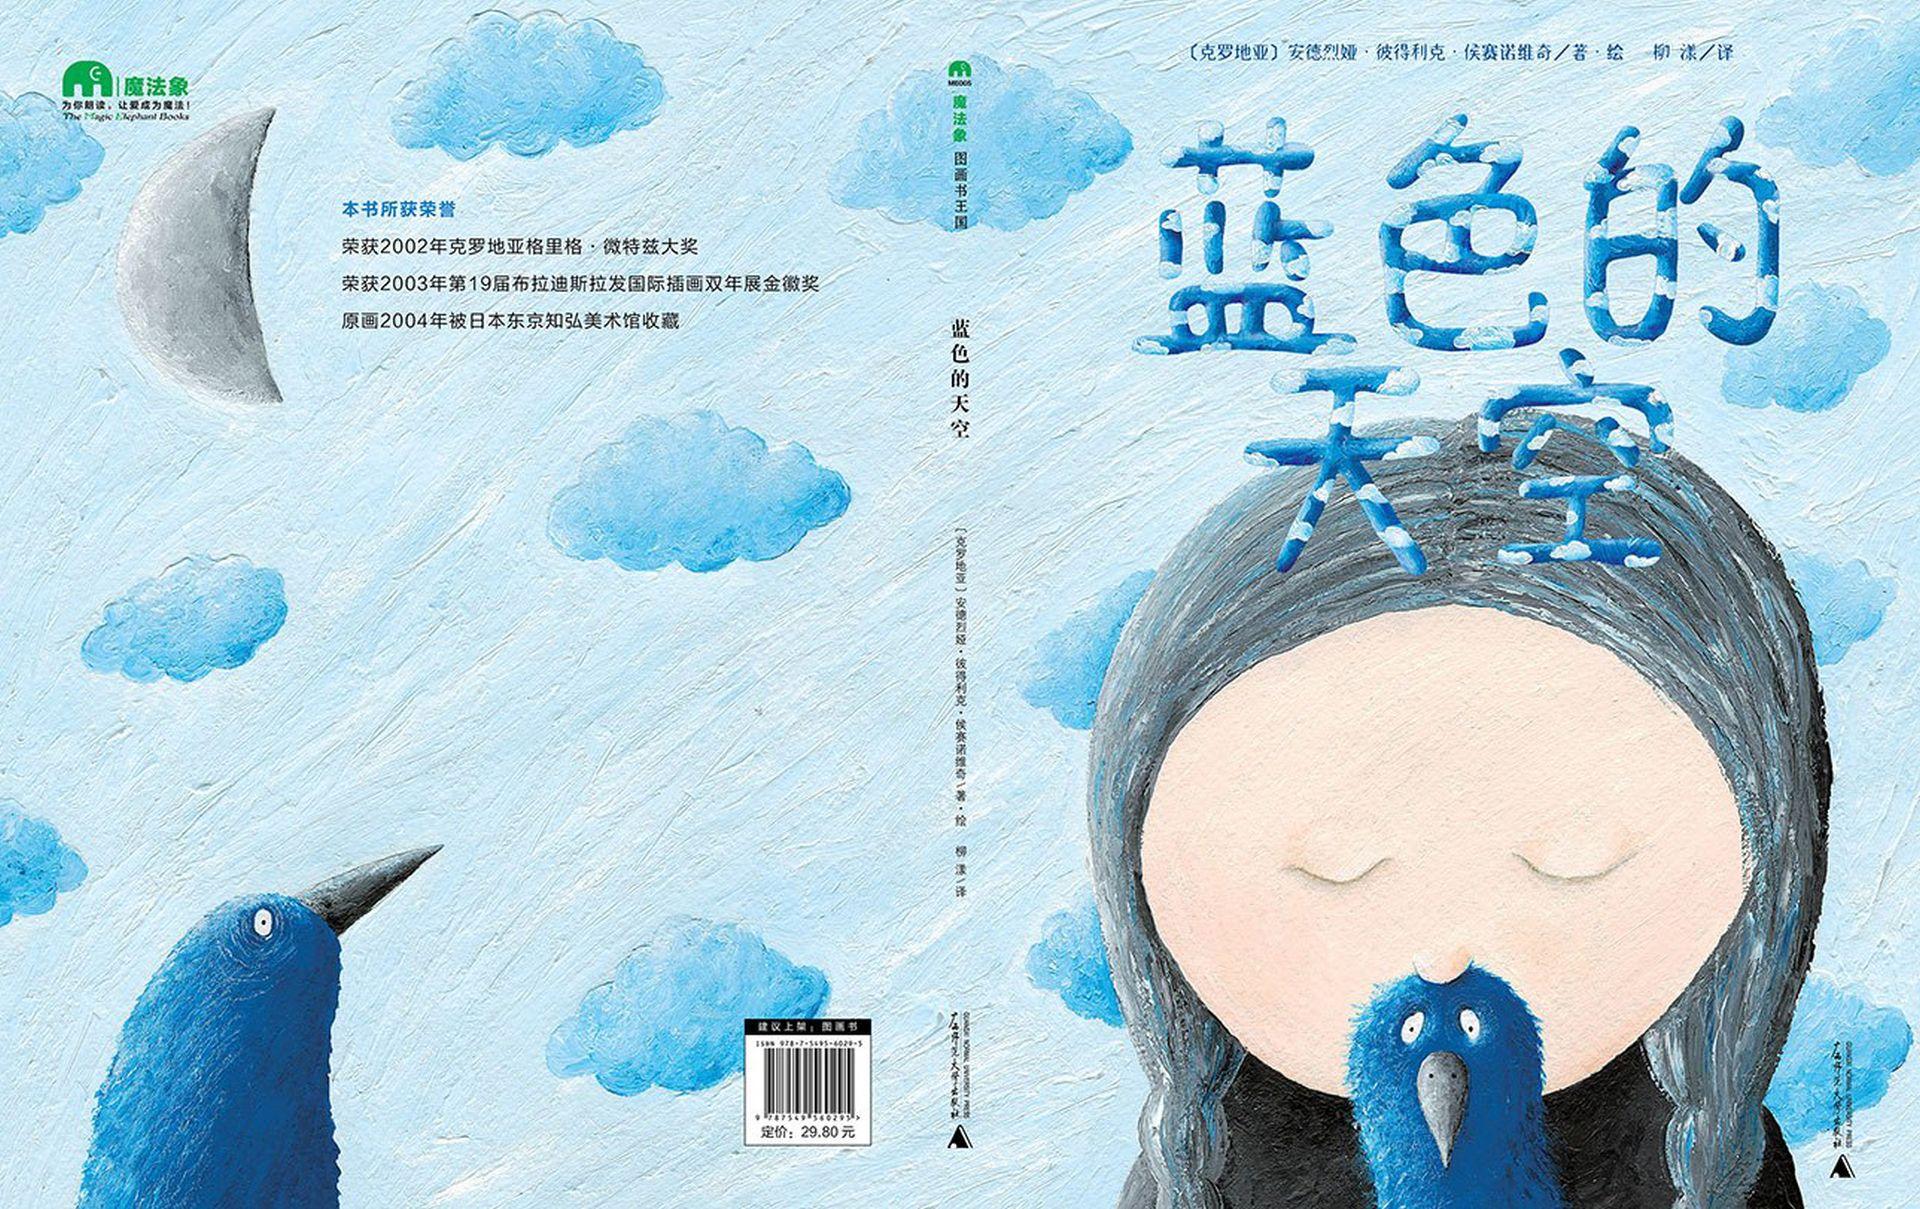 Dječja knjiga i Kašmir promet hrvatski predstavnici na Međunarodnom sajmu knjiga u Pekingu